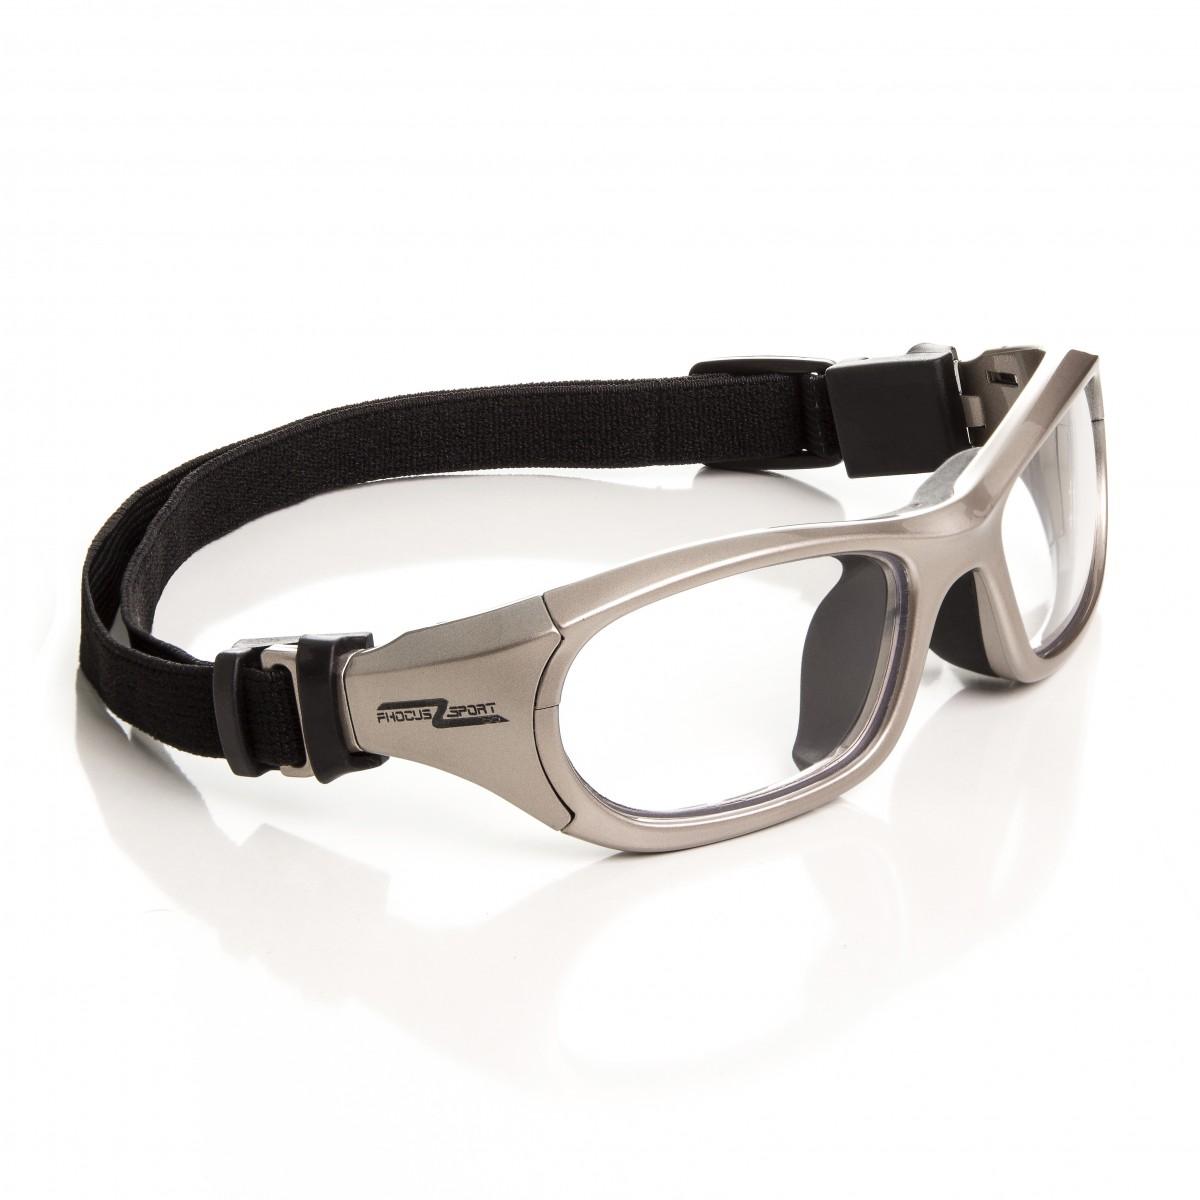 75d2231163549 Óculos para jogar futebol fhocus sports - Esporte Visão